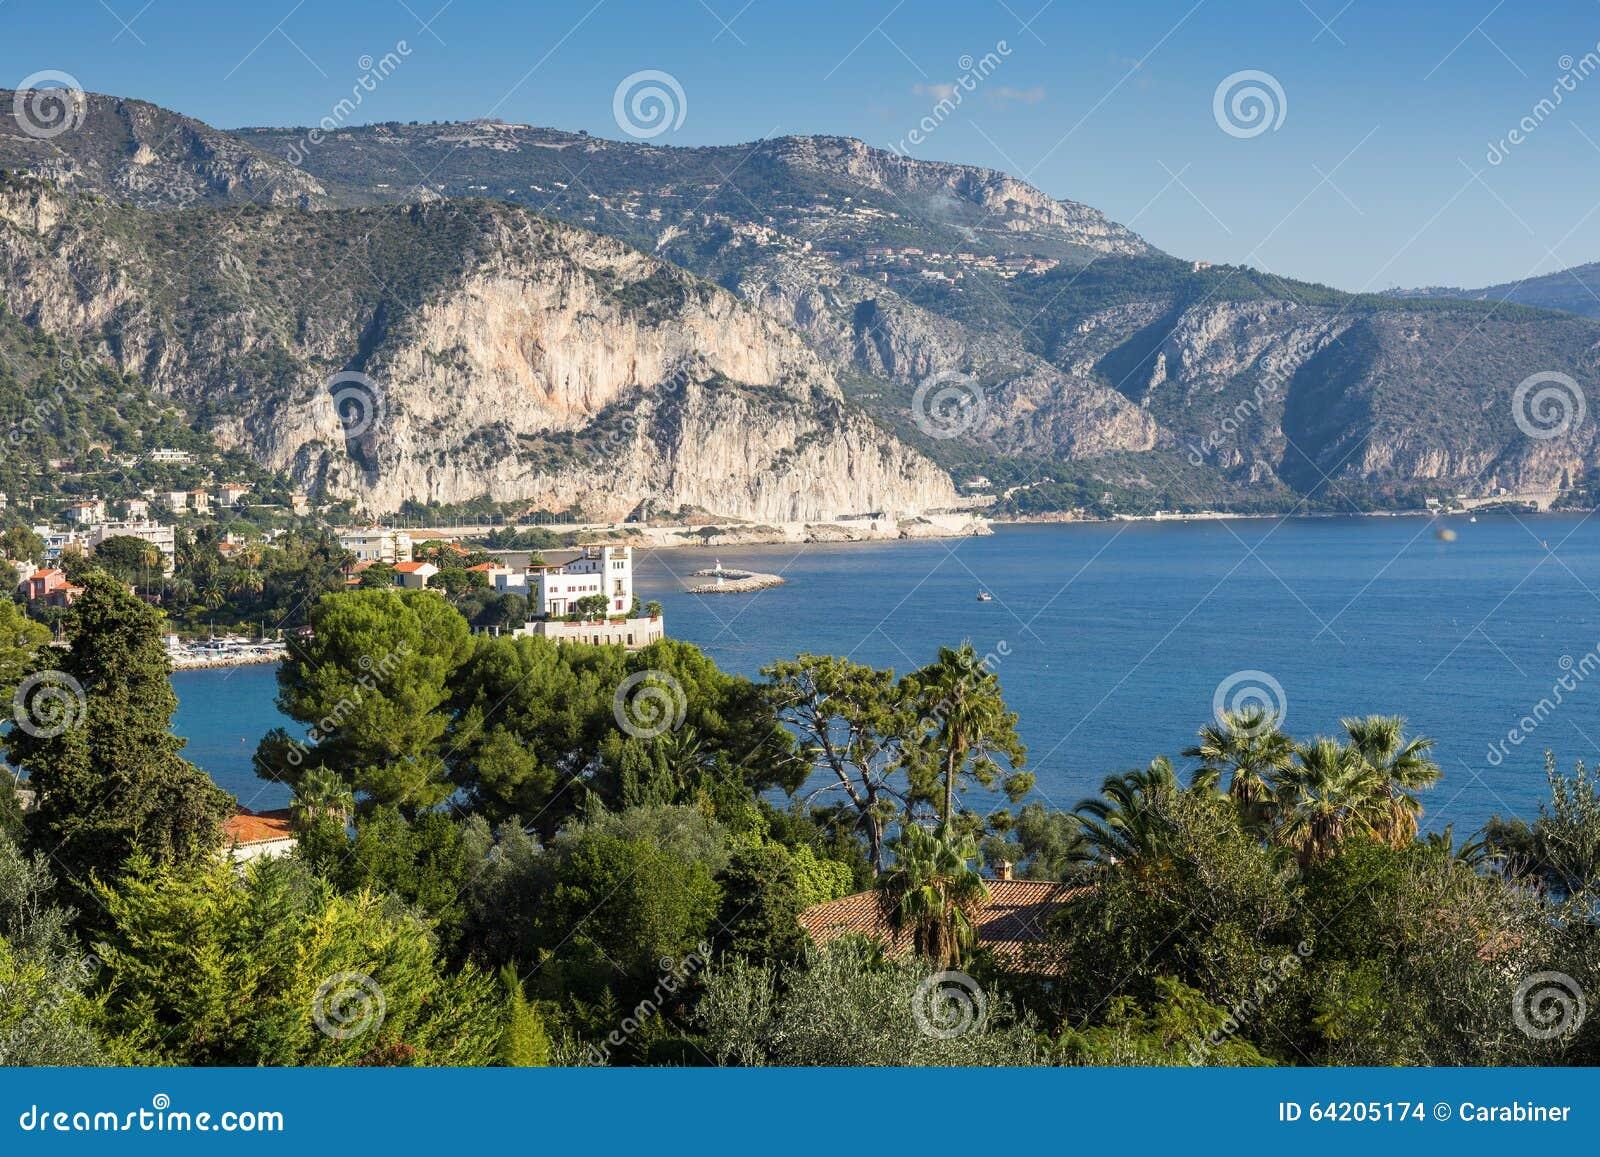 Vista panorámica de Cote d Azur cerca de la ciudad de Villefranche